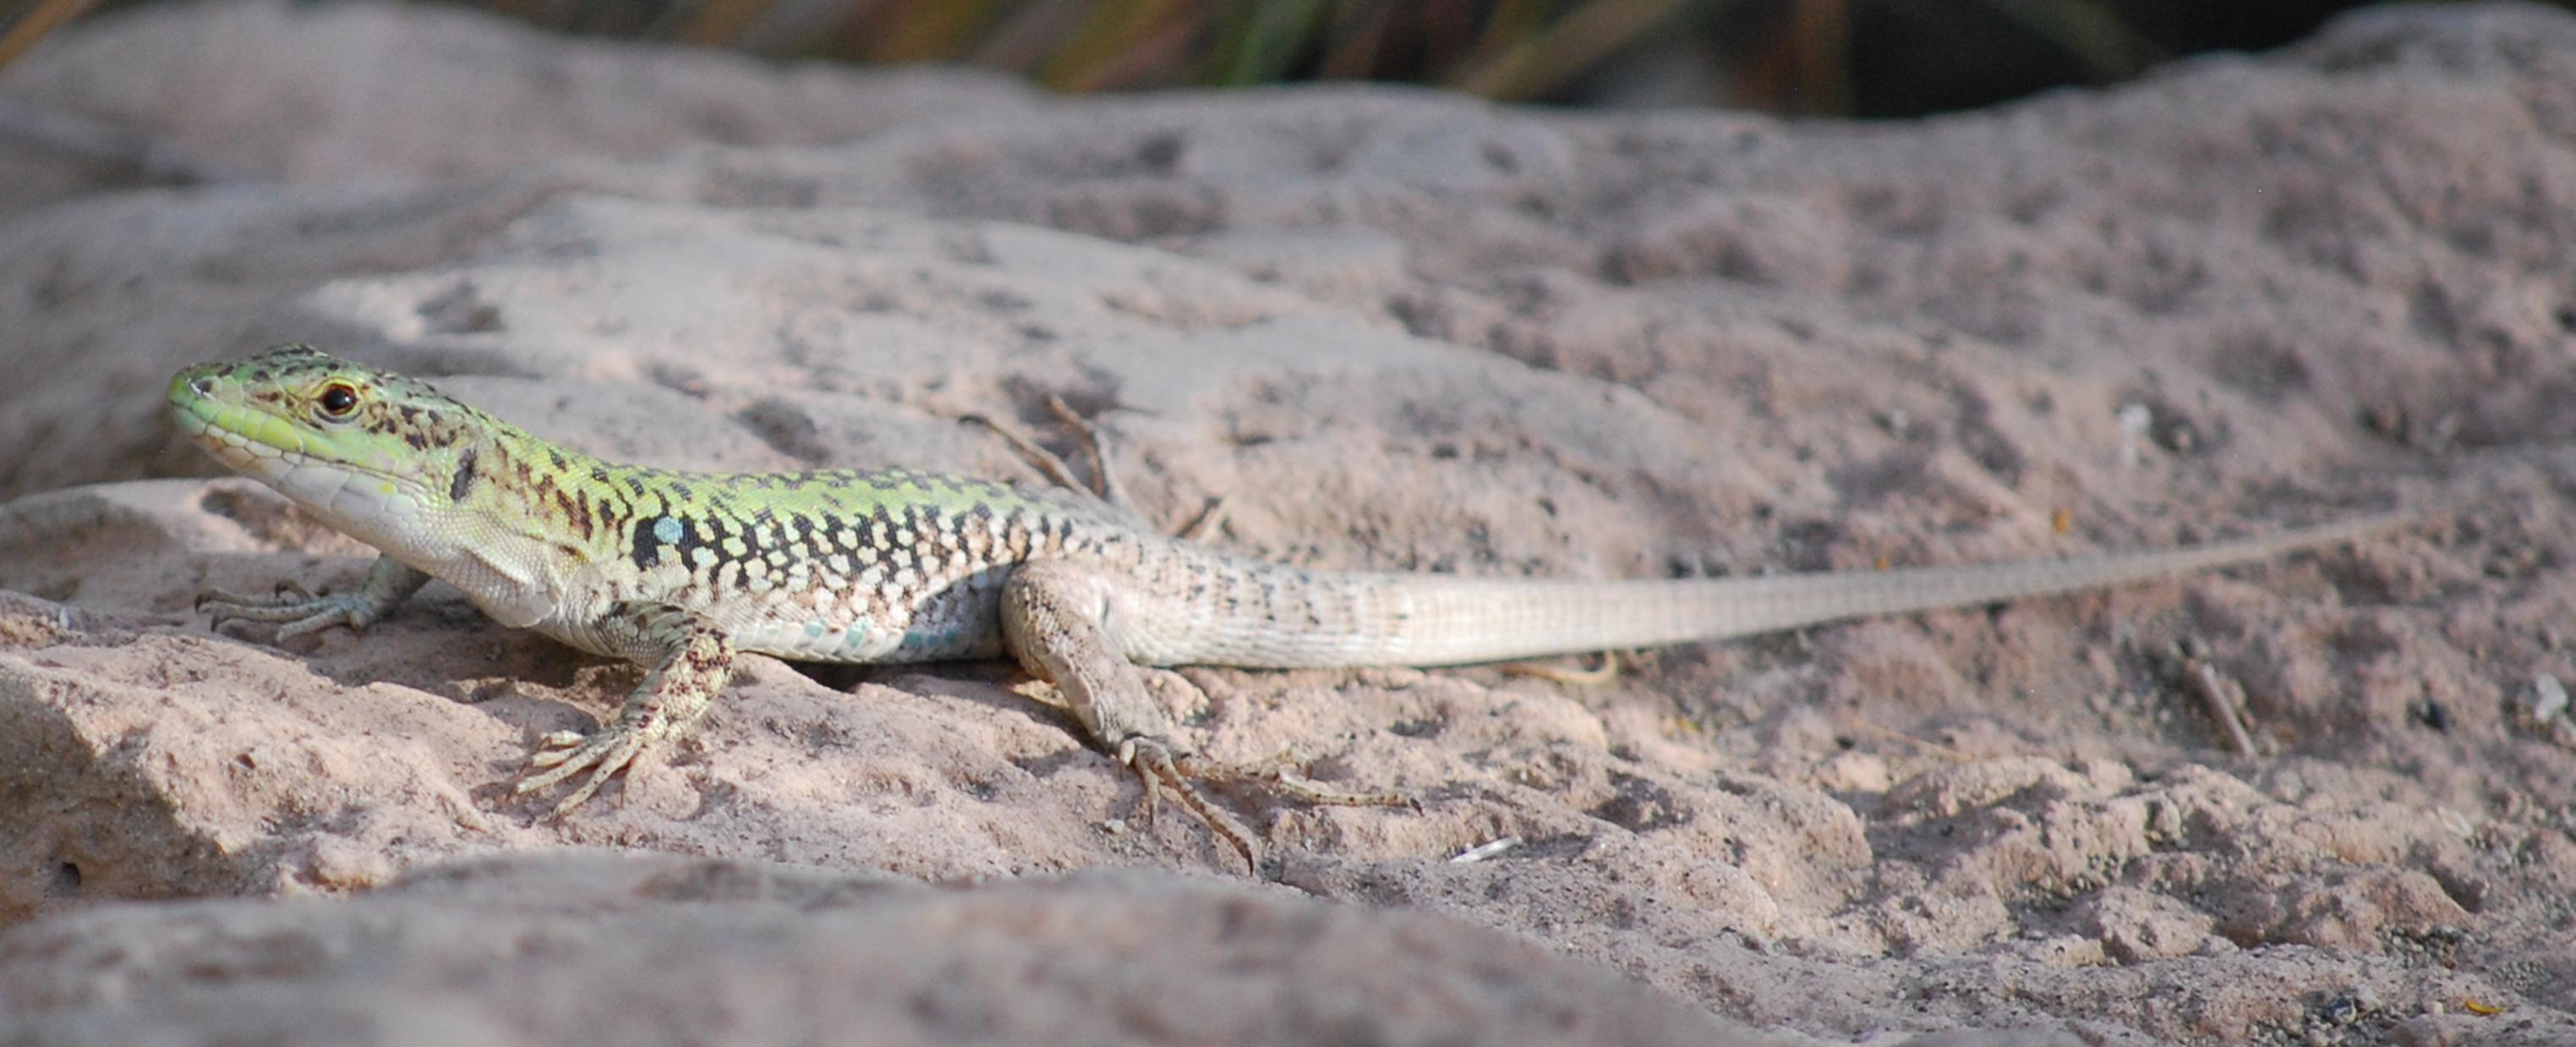 Lizard Eoliana...